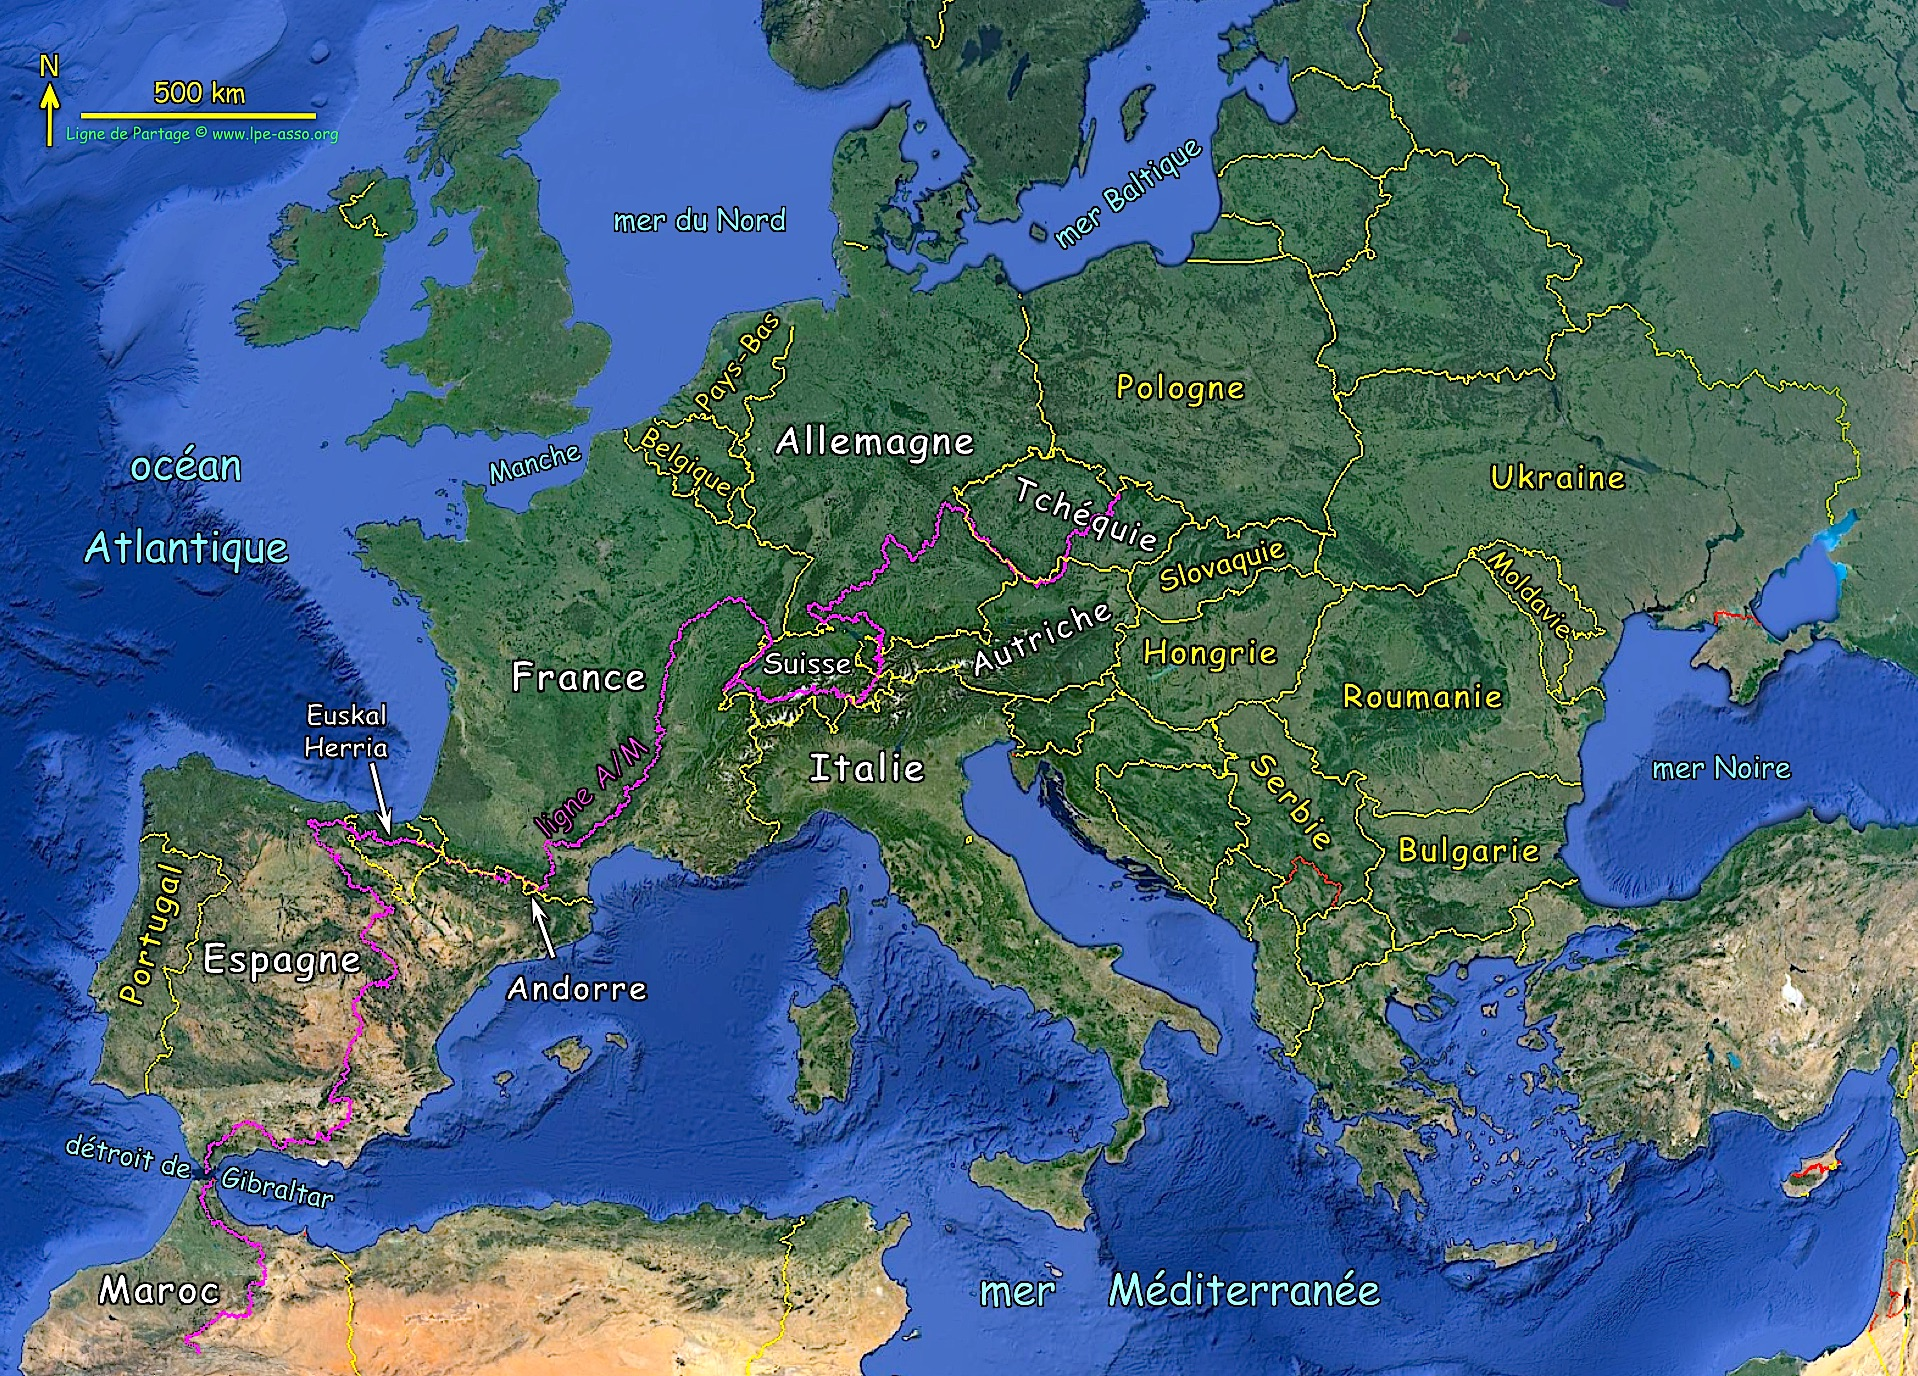 Les pays de la ligne